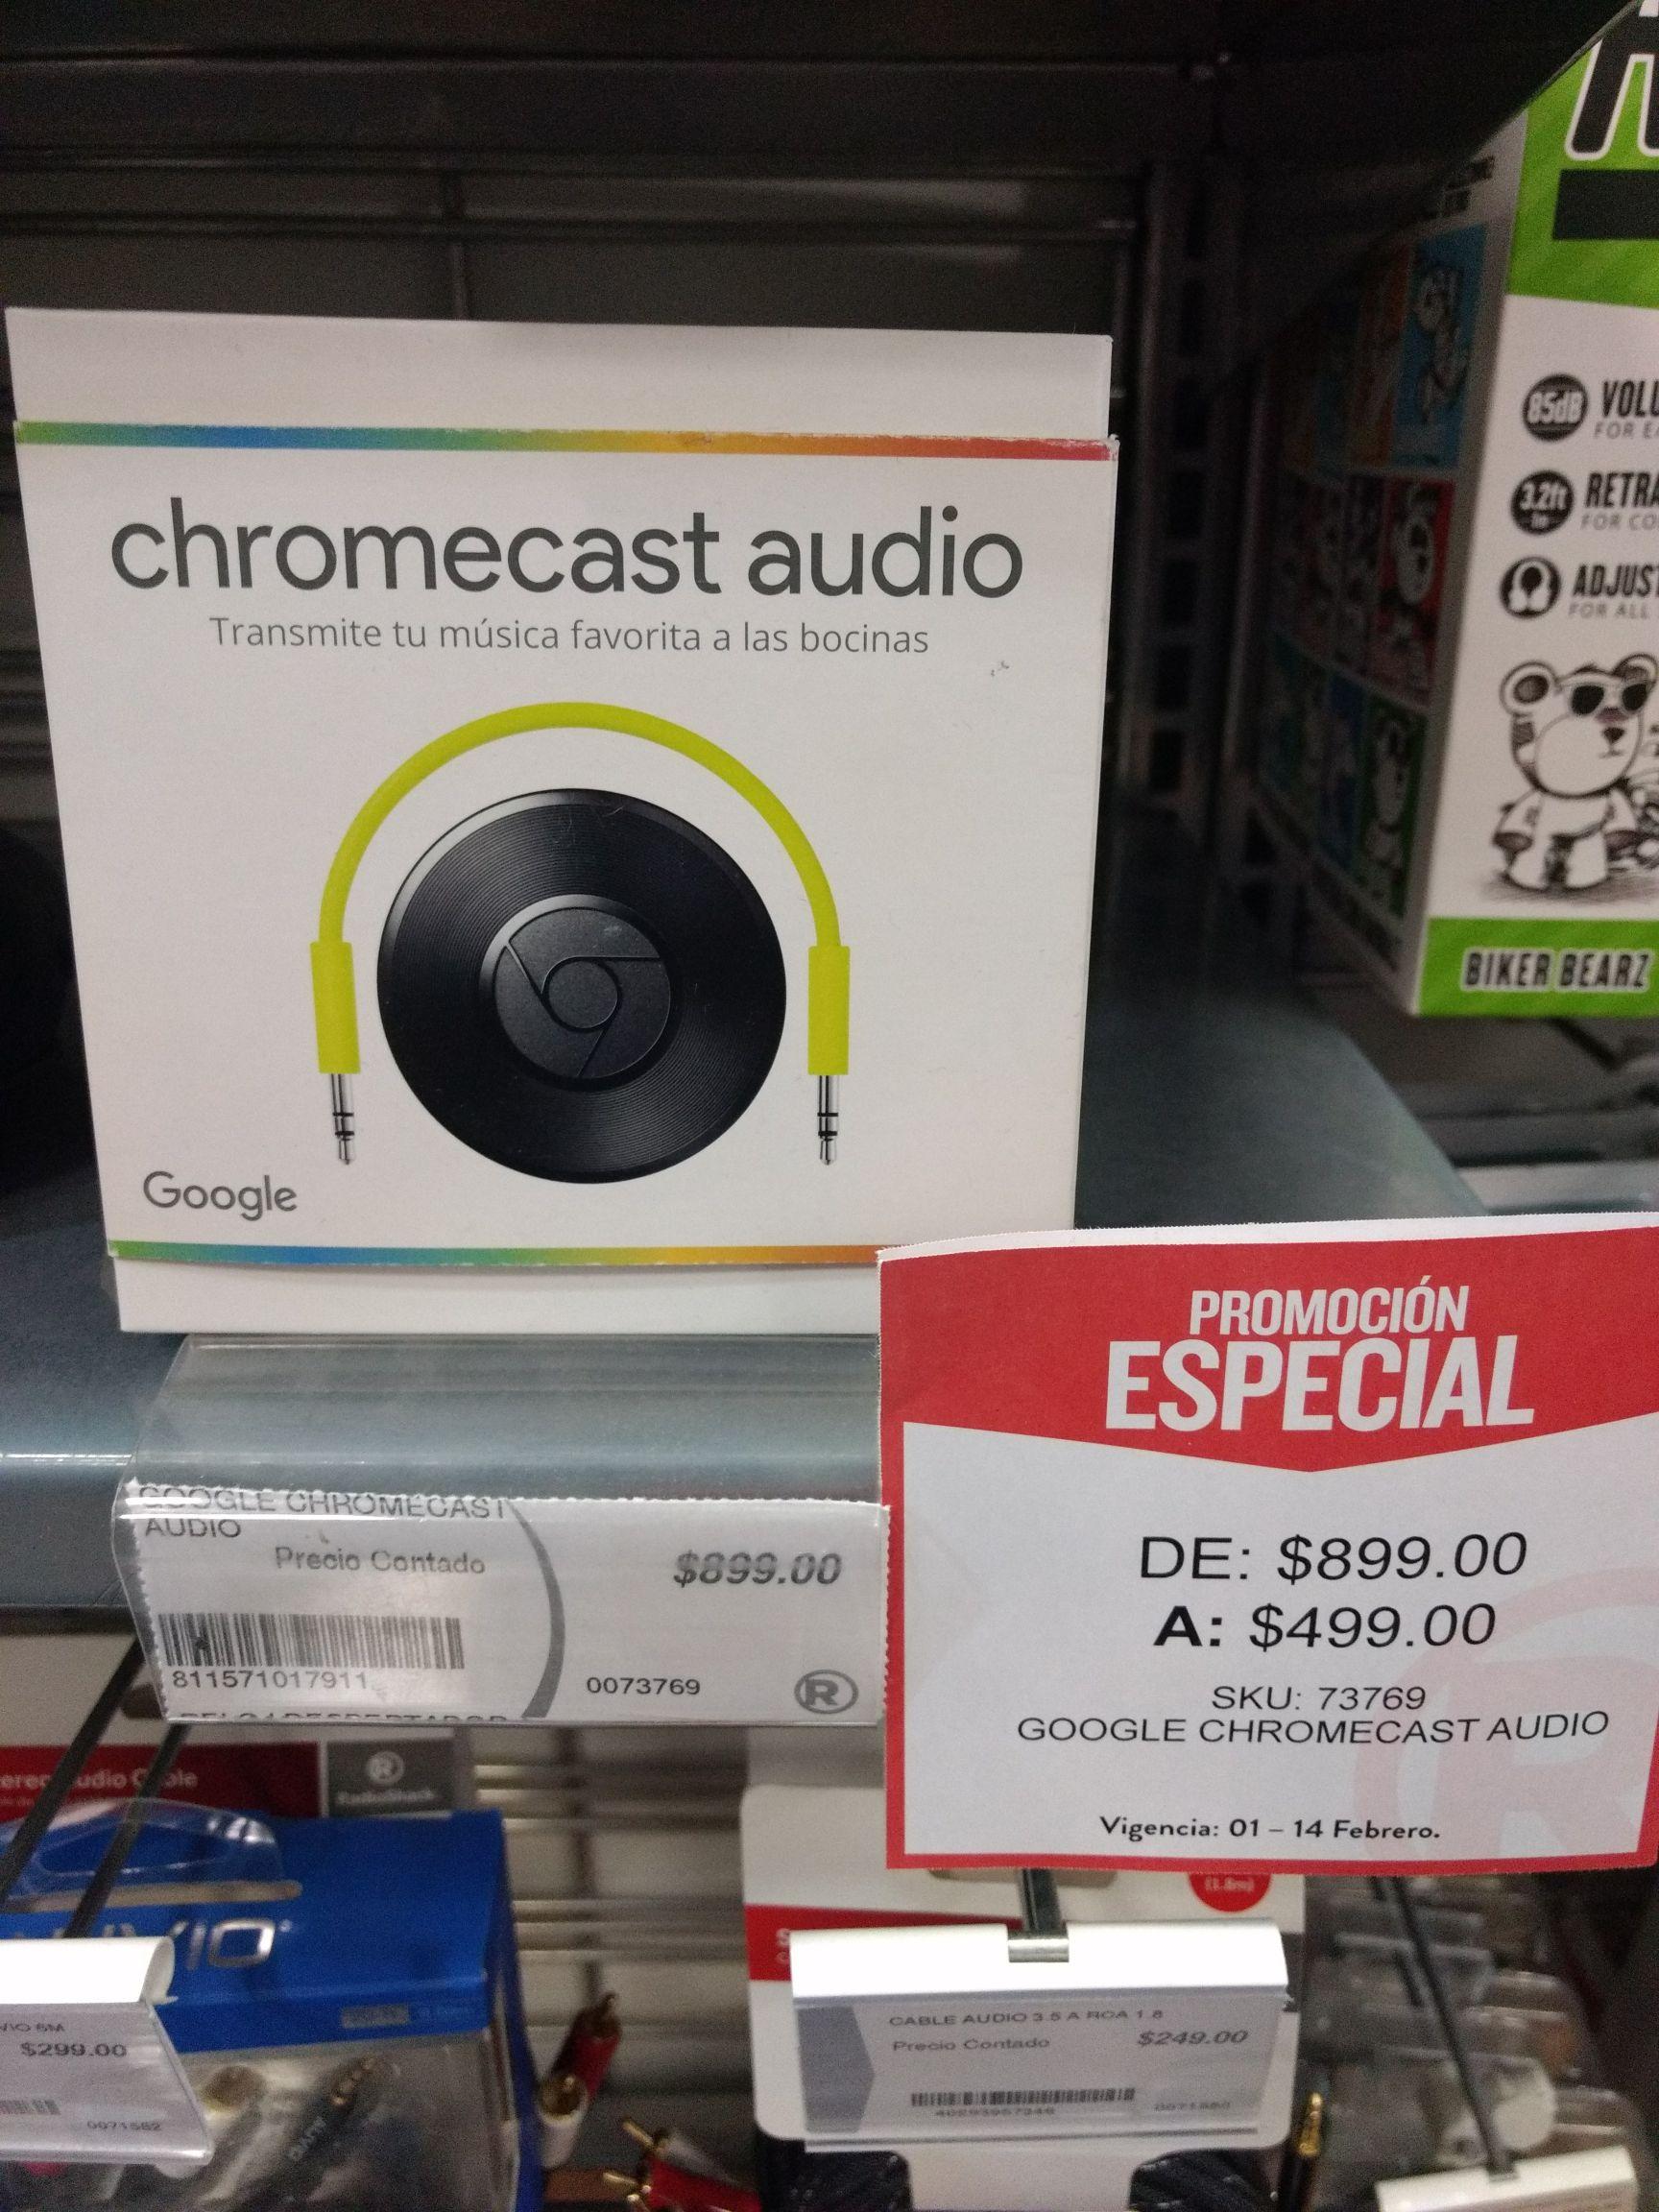 Chromecast Audio (Radioshack plaza las américas Edo de México)